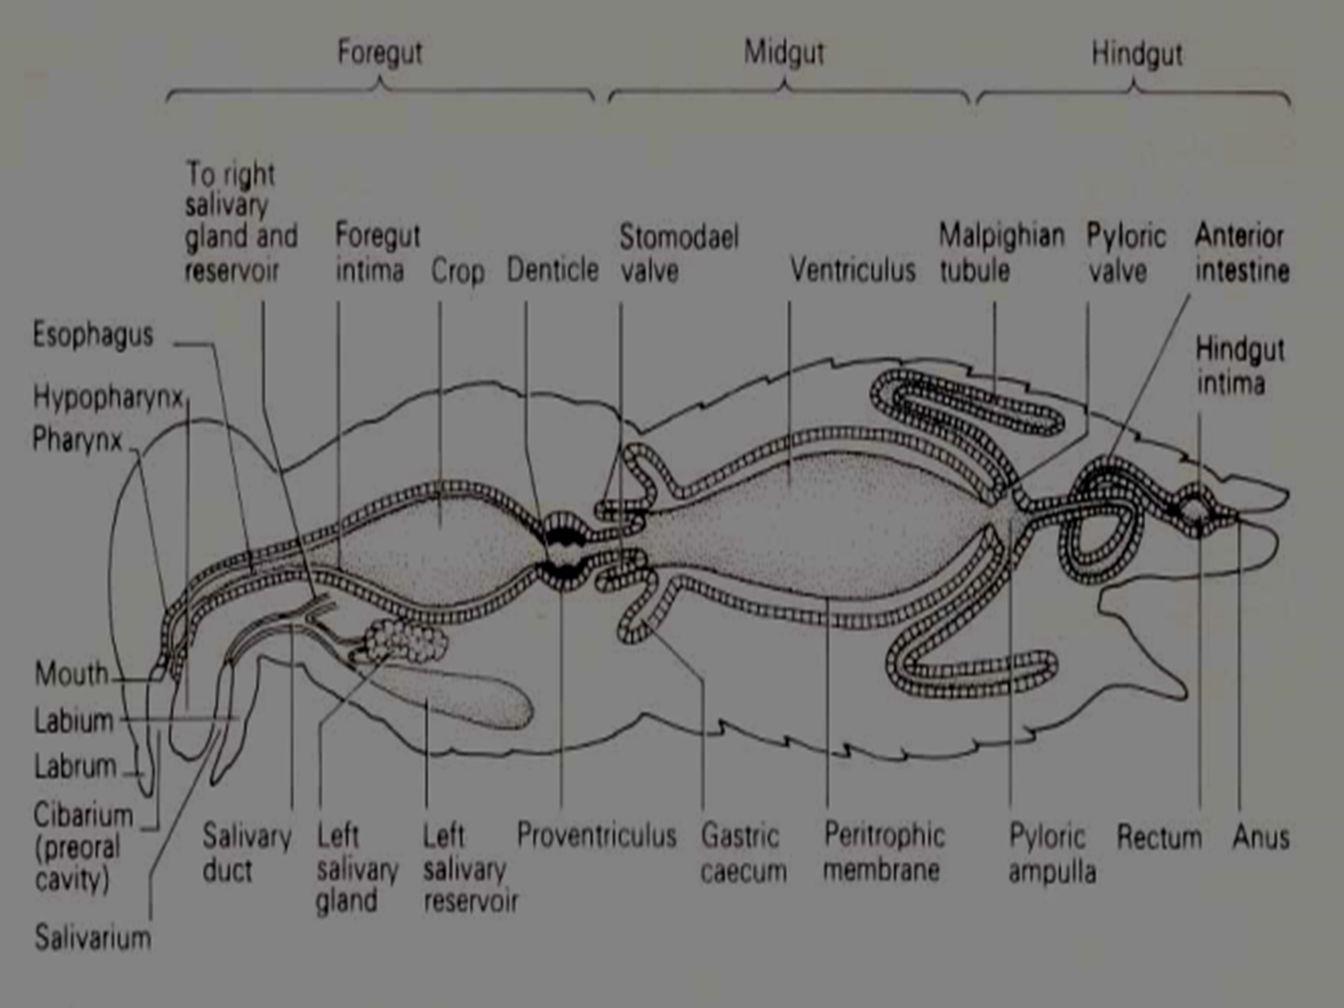 Tiga kelompok ganglion yang terdapat di depan mulut (proporal) dapat dianggap sebagai otak.